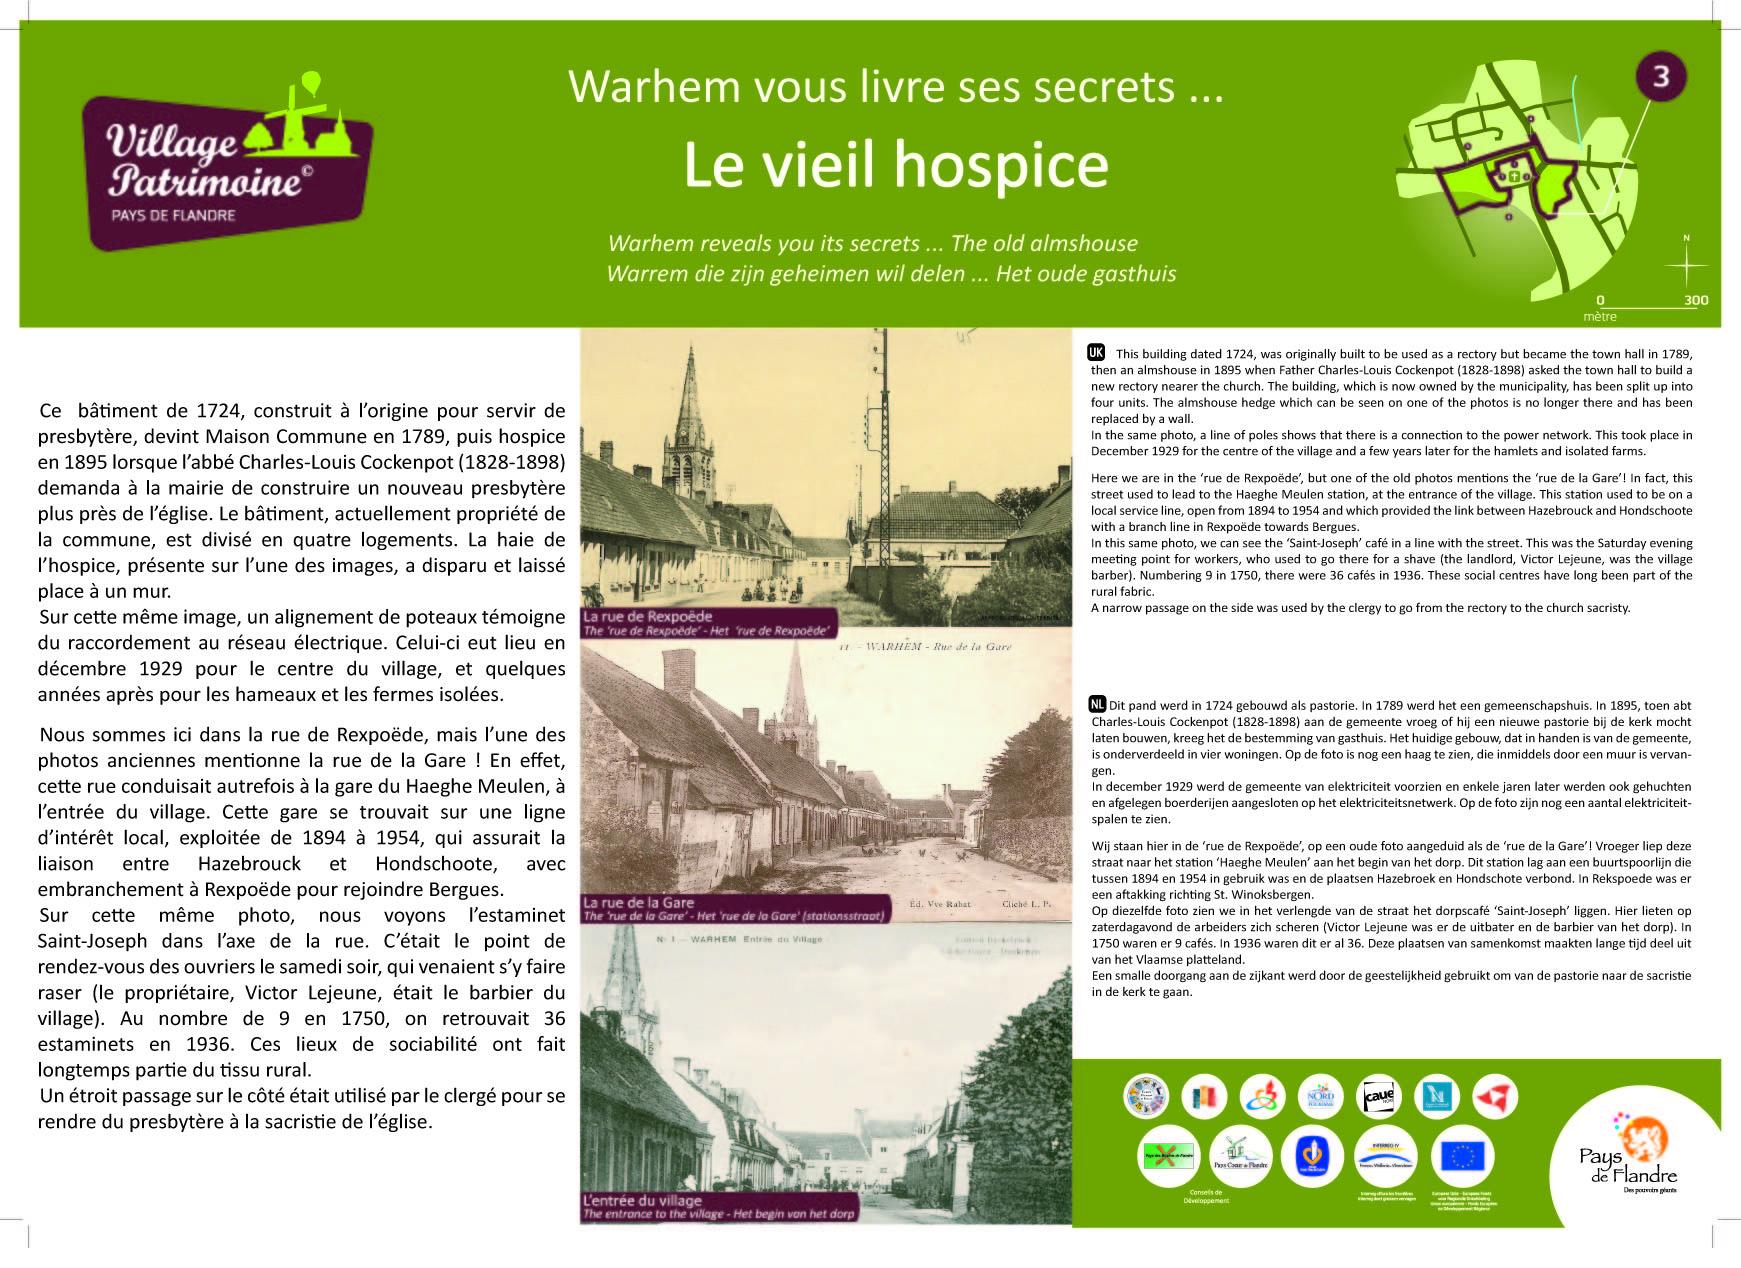 VP3_Vieil_hospice.jpg